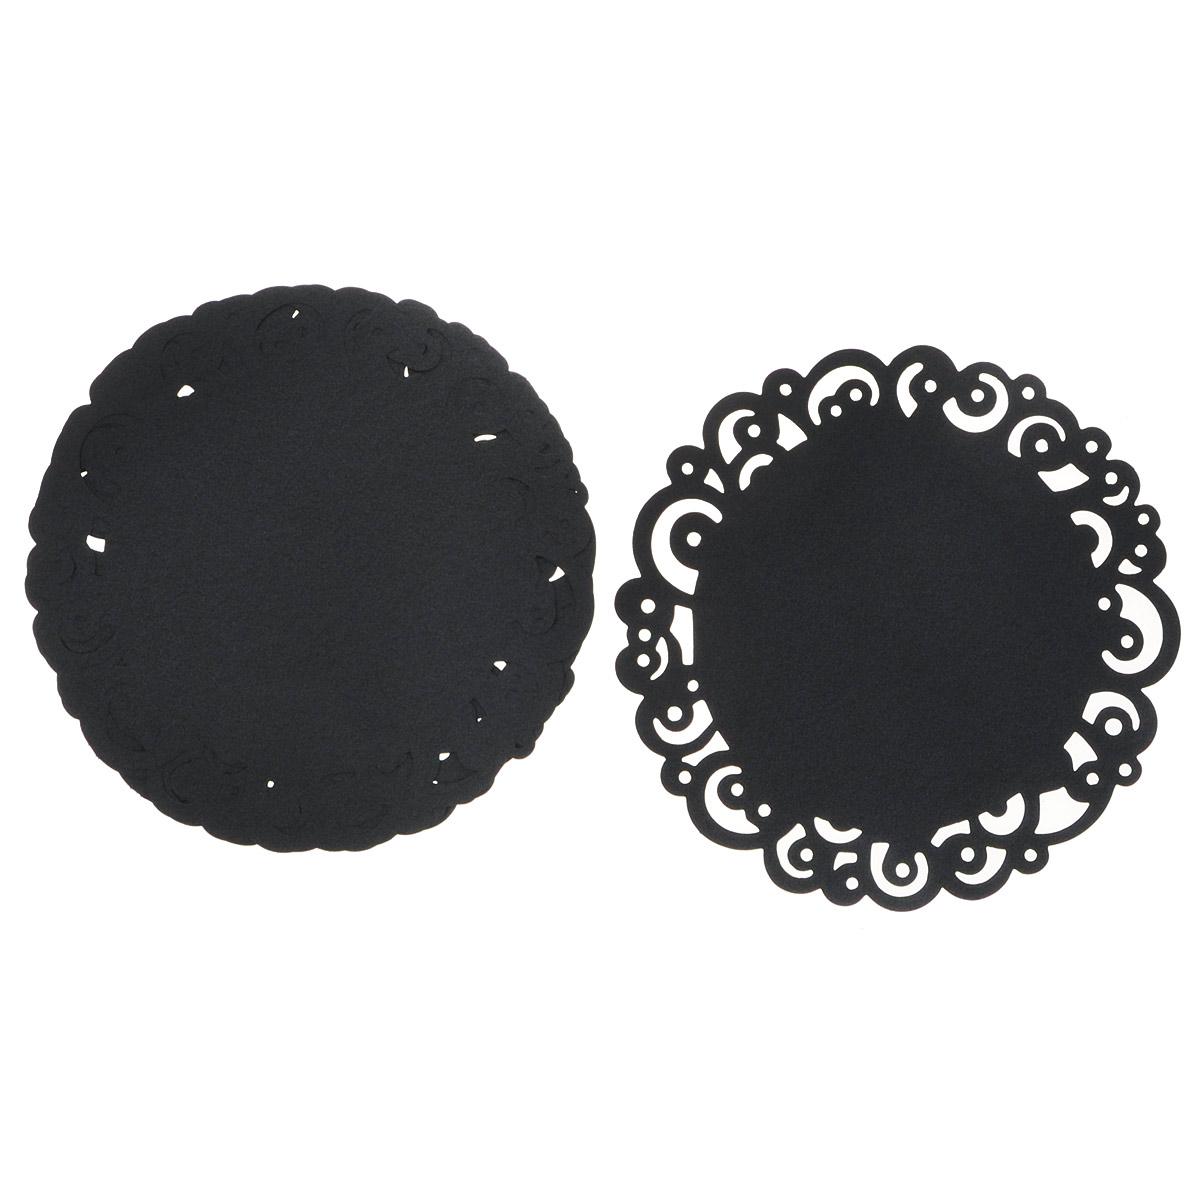 Декоративные салфетки Wilton, цвет: черный, диаметр 30 см, 6 шт